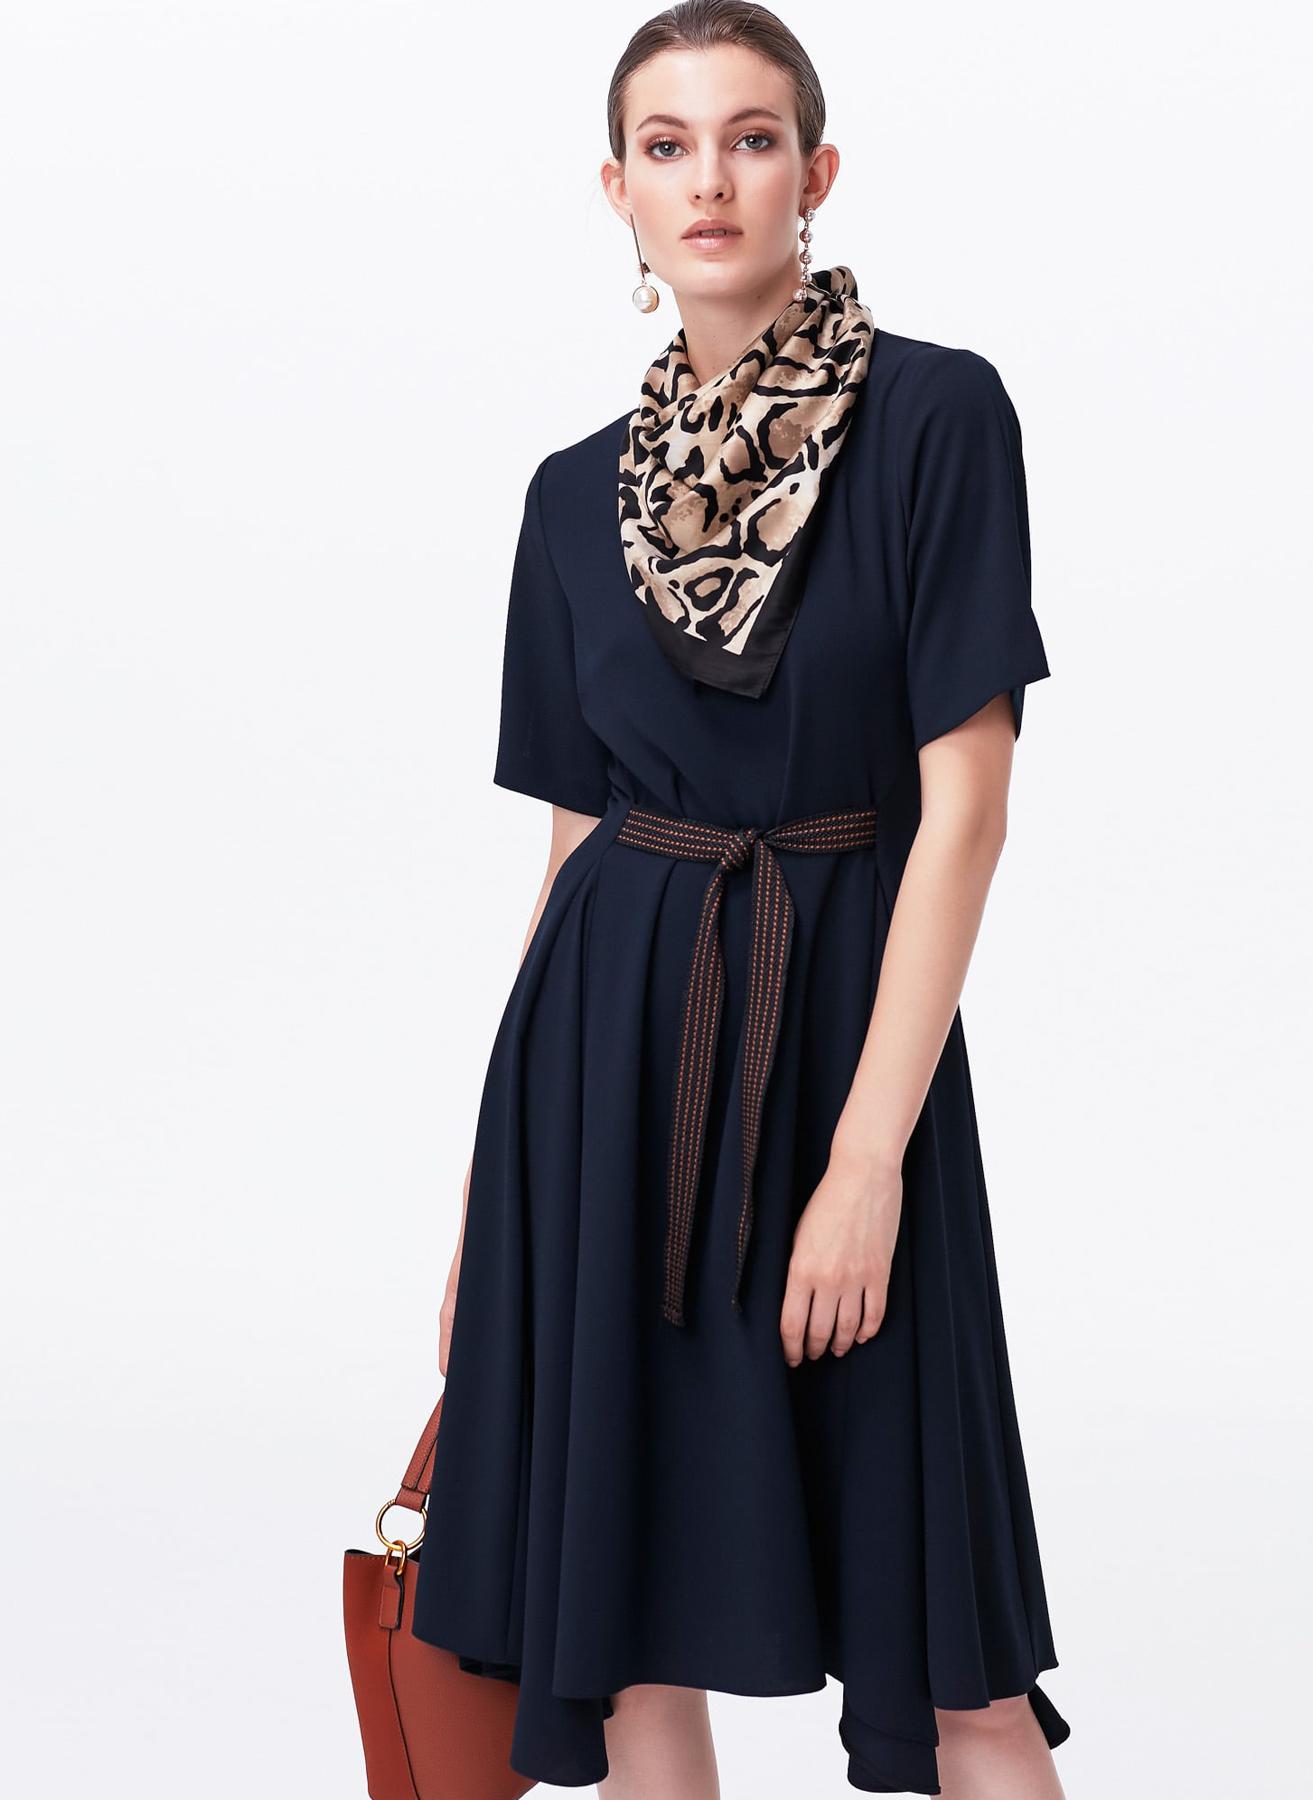 İpekyol Uzun Lacivert Elbise 38 5002301057003 Ürün Resmi